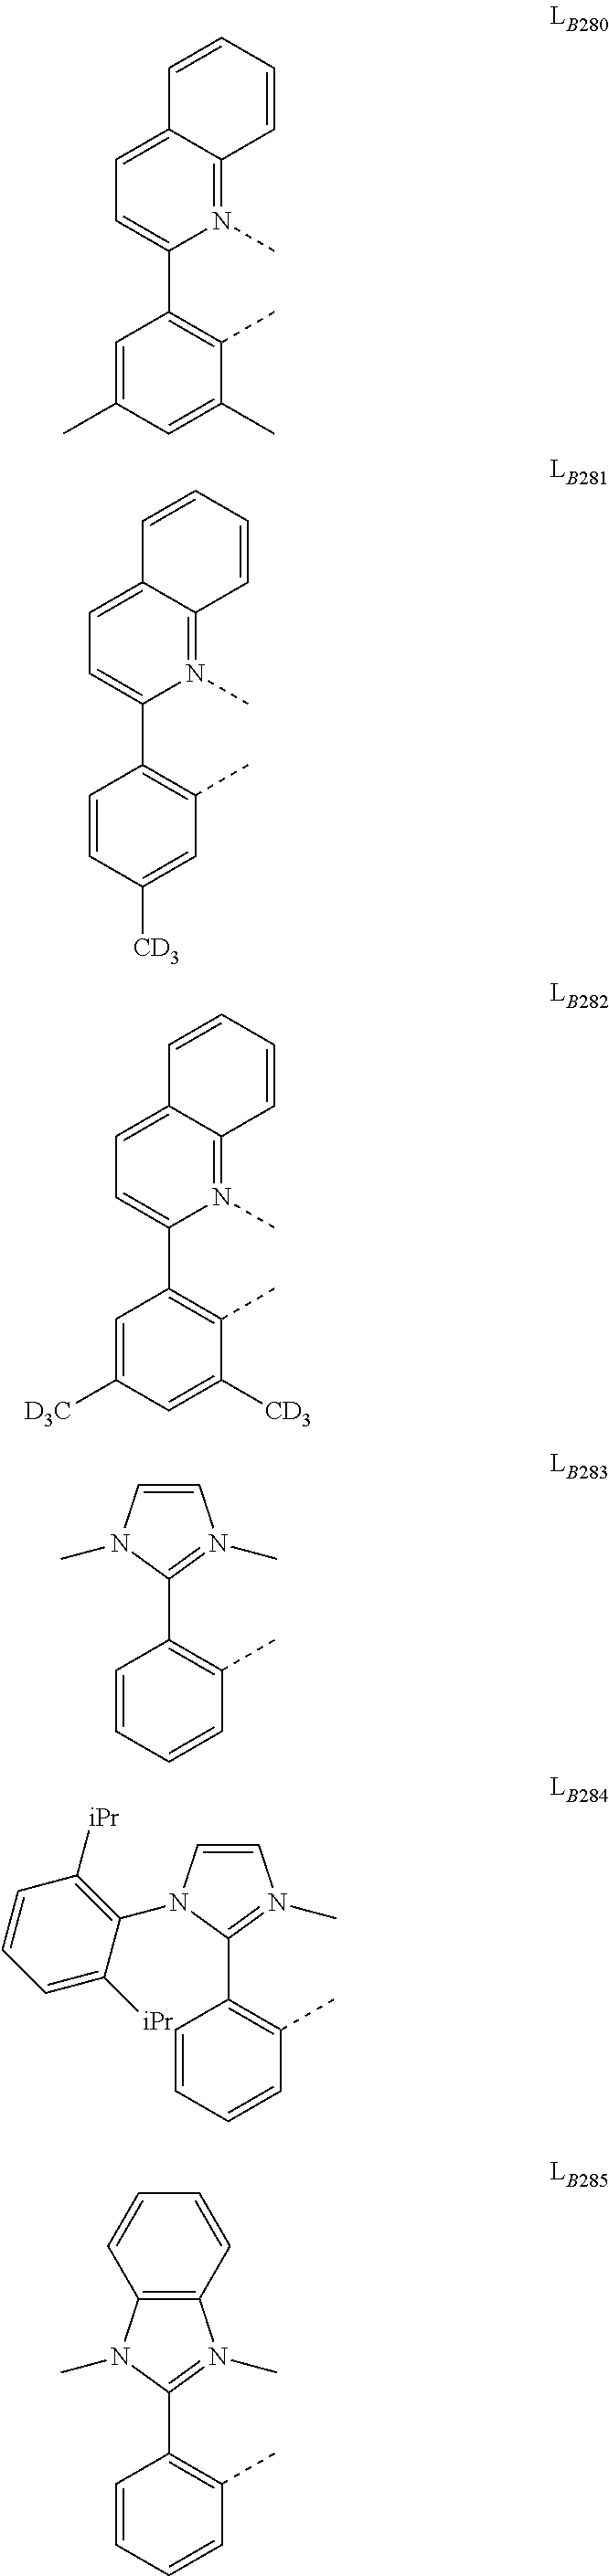 Figure US20180130962A1-20180510-C00123